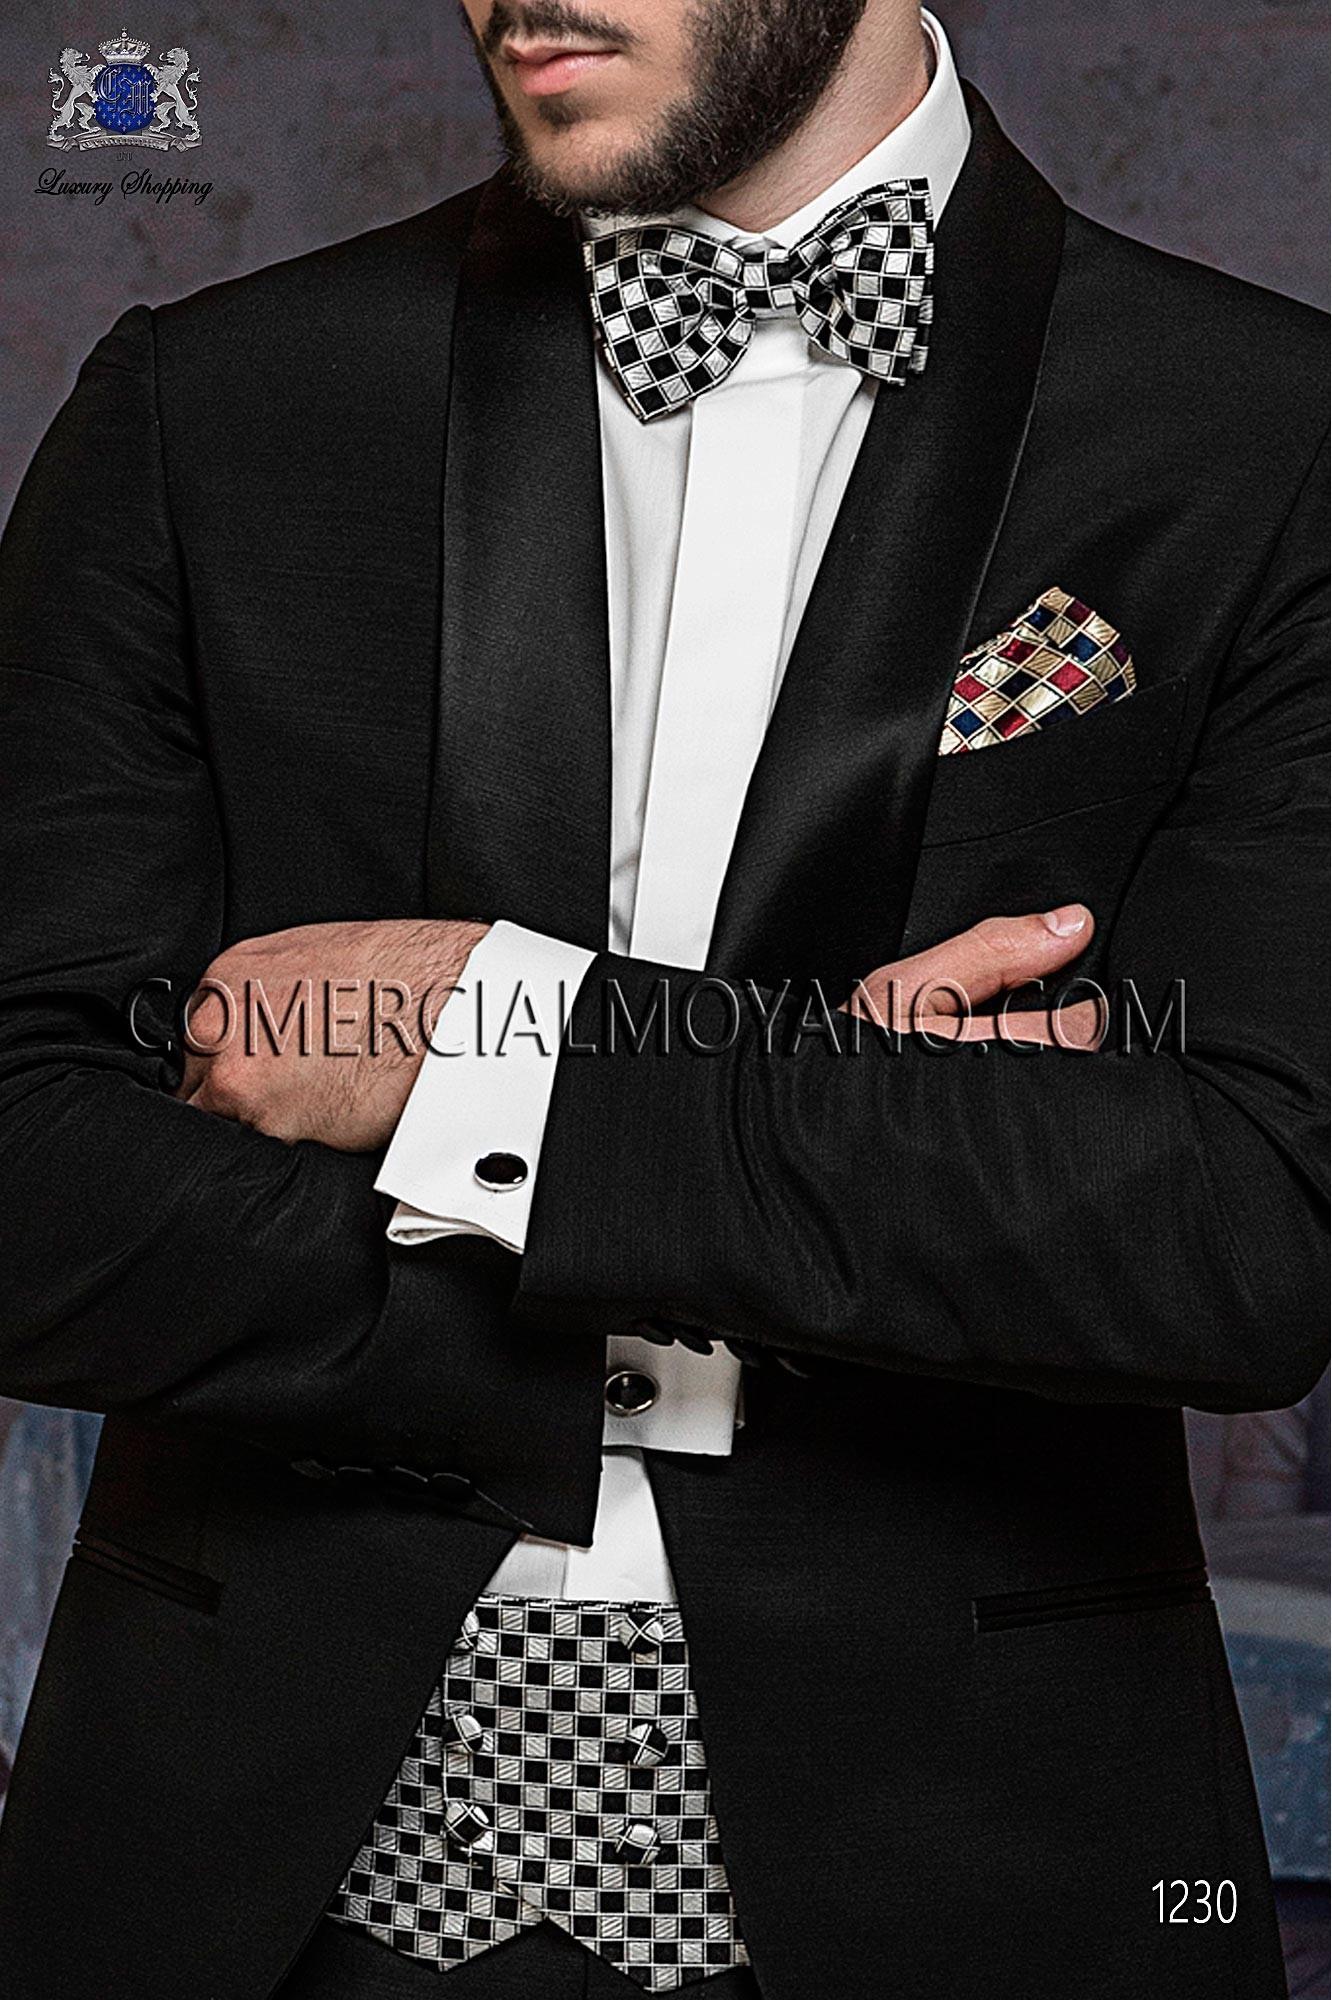 Traje BlackTie de novio negro modelo: 1230 Ottavio Nuccio Gala colección Black Tie